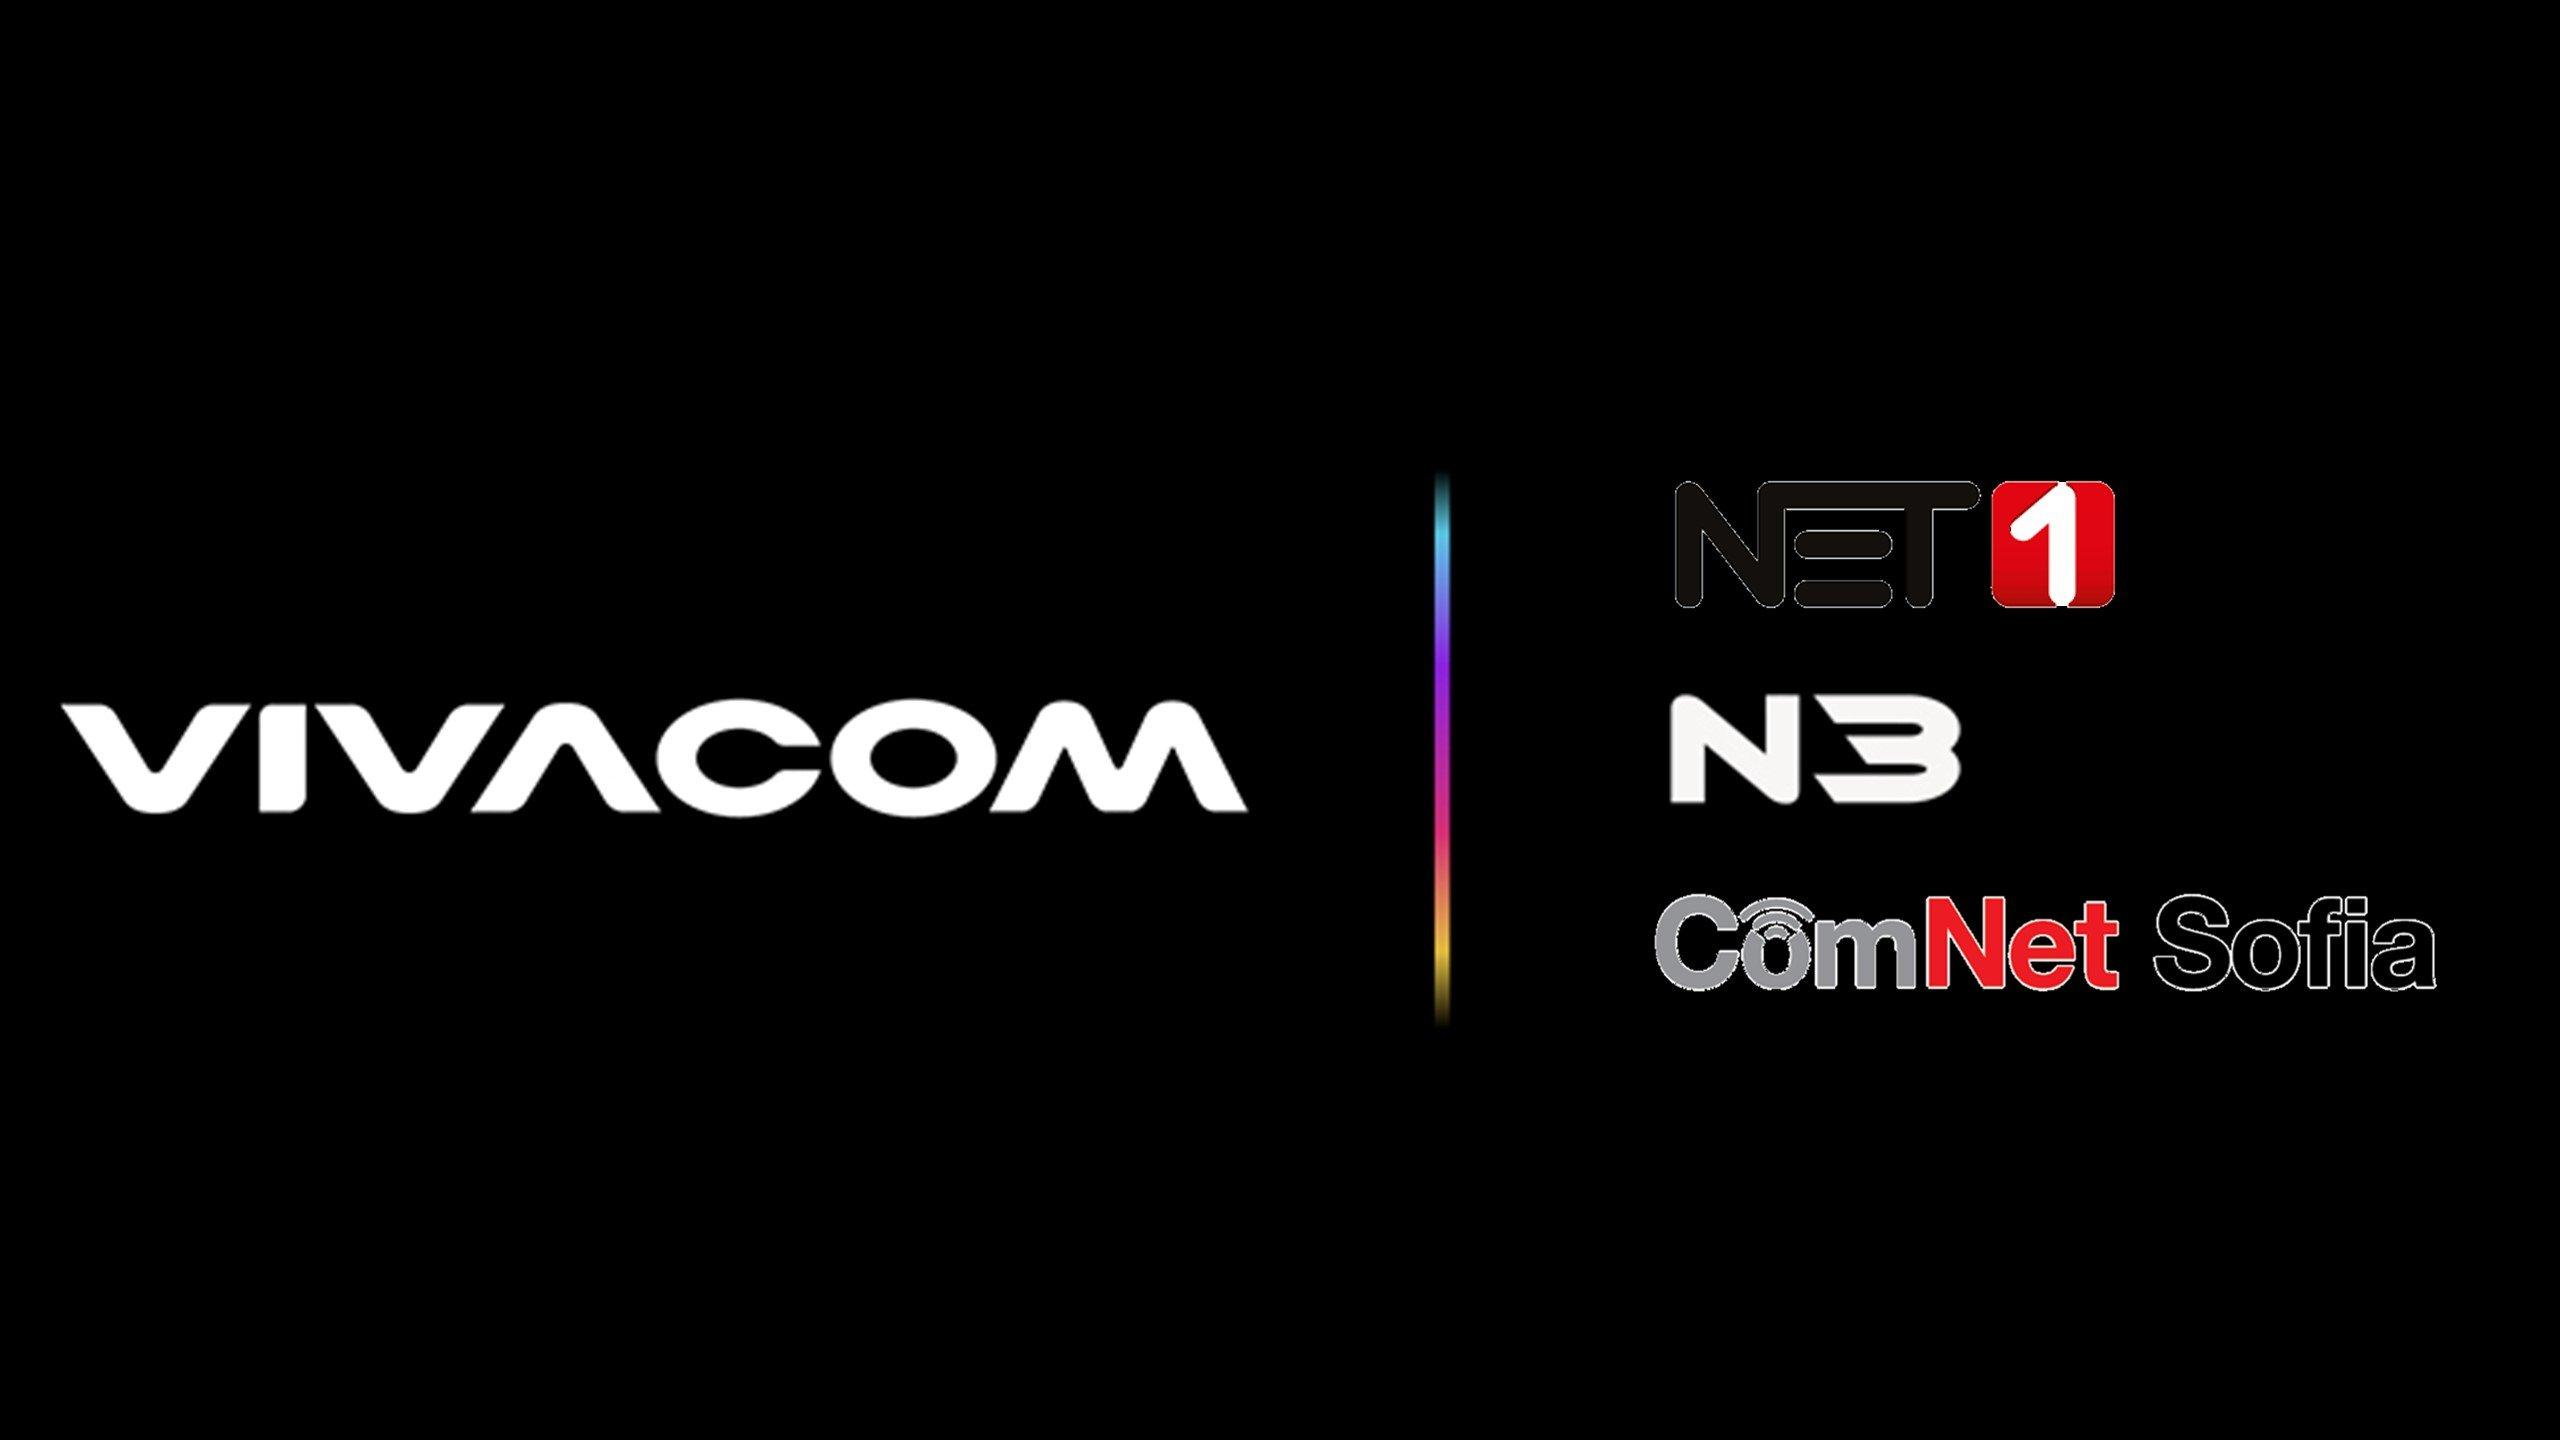 vivacom-net-1-comnet-n3